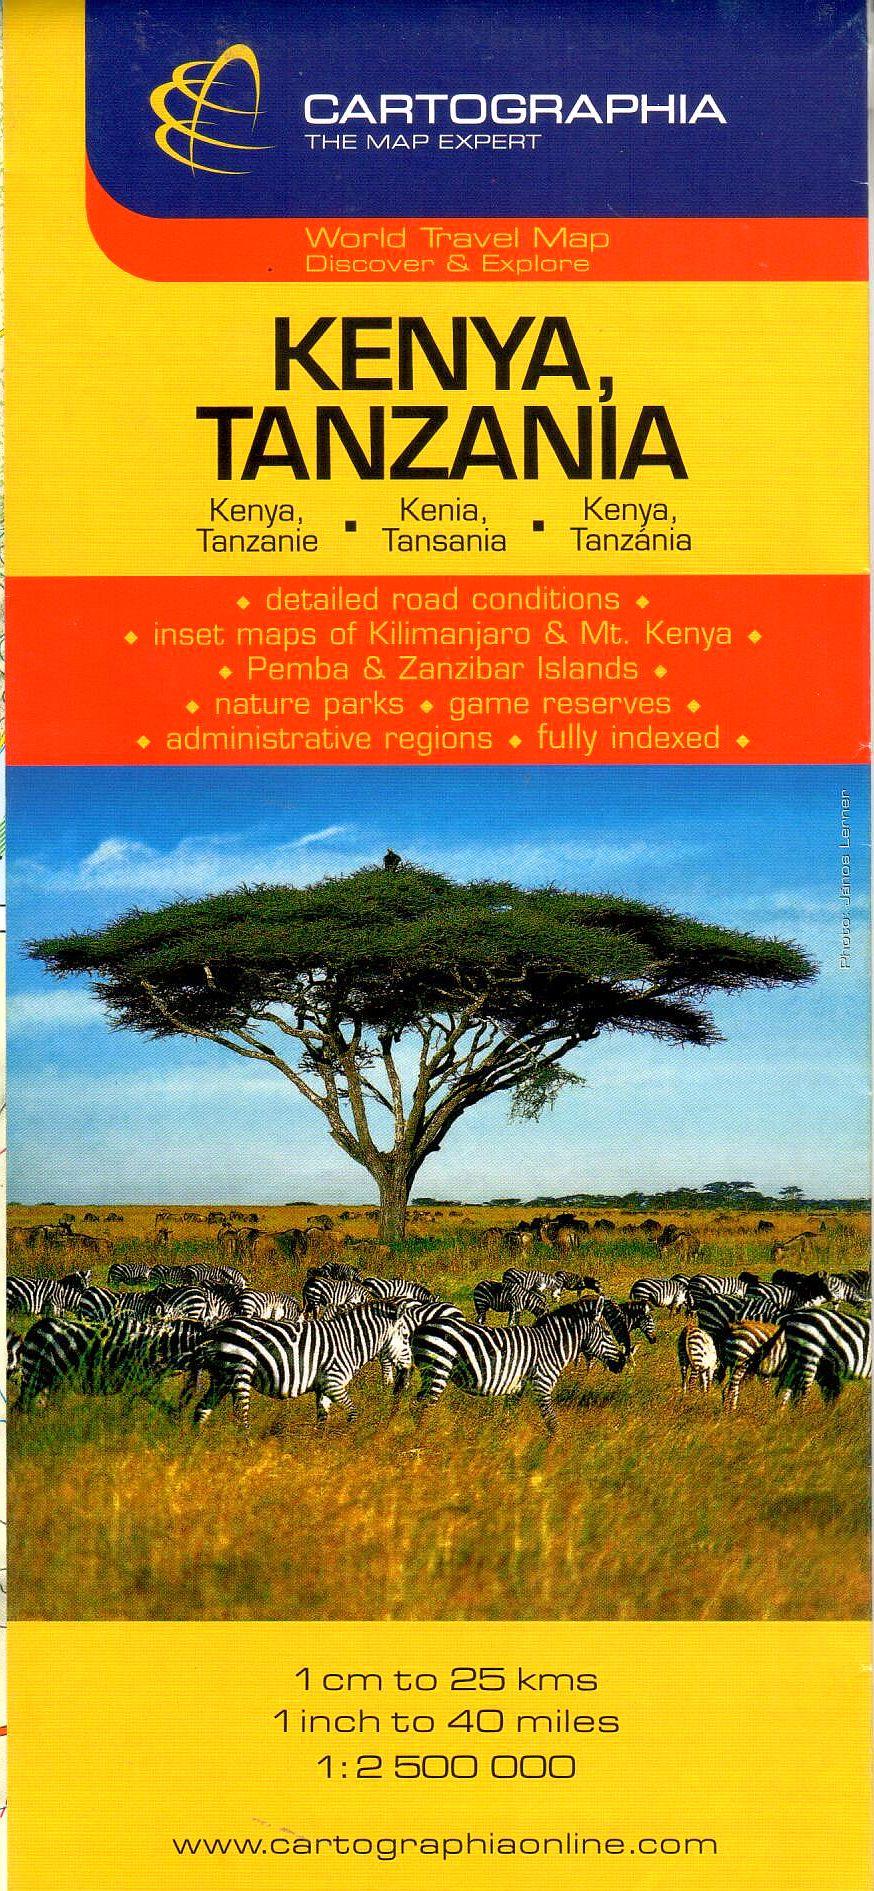 Kenya, Tanzánia általános földrajzi térképe autós és turista információkkal, névmutatóval. Melléktérképek: Kilimandzsáró, Mt. Kenya, Pemba és Zanzibár-sziget, Nairobi, Dar es Salam.